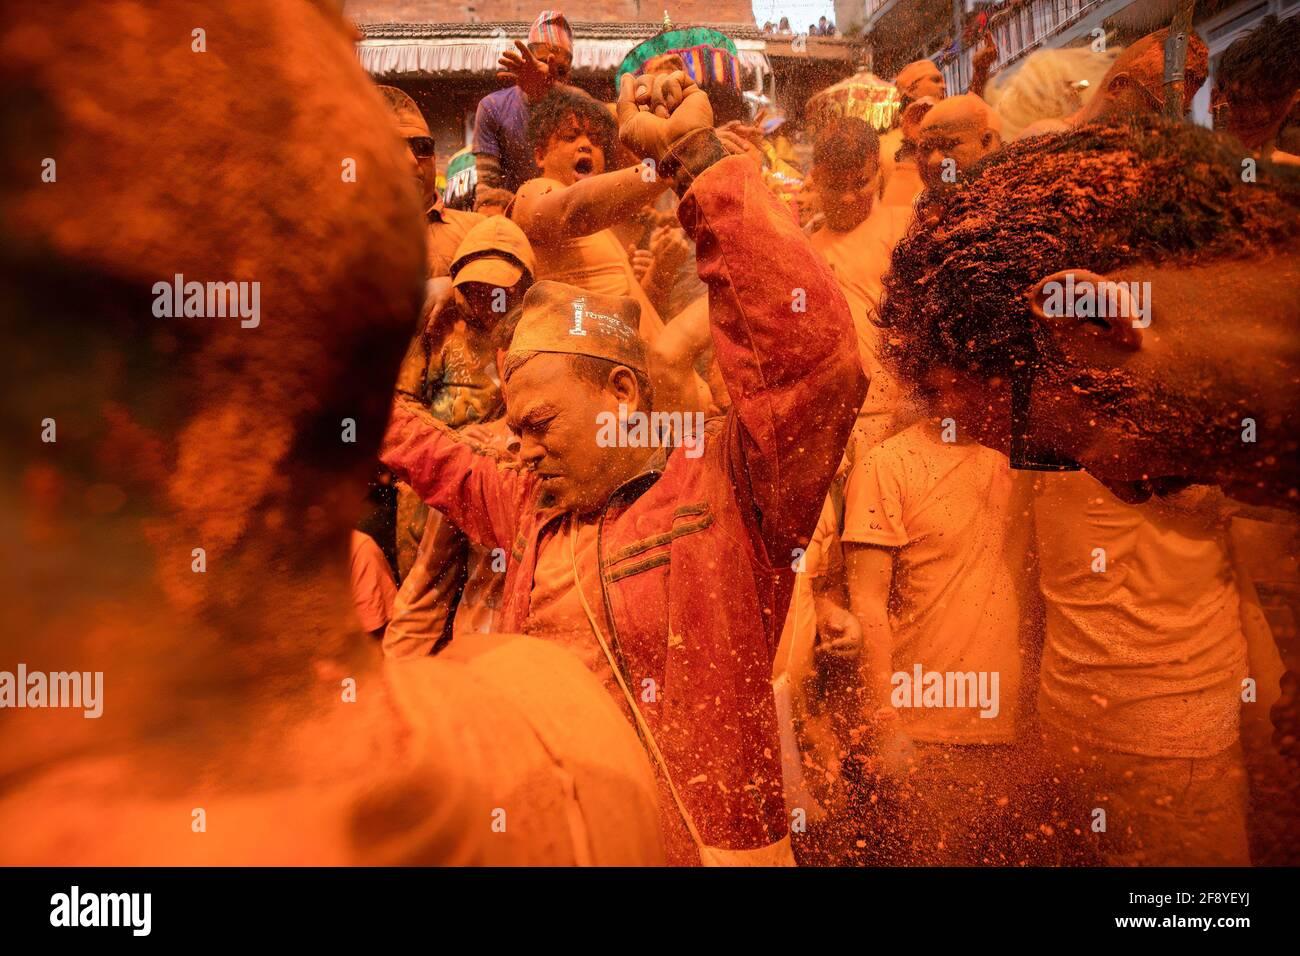 Bhaktapur, Nepal. 15 Aprile 2021. I popoli della comunità newari suonano strumenti tradizionali mentre gettano polvere di vermiglio (coperto) l'uno verso l'altro durante il festival indoor Jatra. I rivelatori portarono carri degli dei e delle dea indù e si gettarono vermilioni di polvere l'uno sull'altro come parte delle celebrazioni che iniziarono il nuovo anno nepalese. Credit: SOPA Images Limited/Alamy Live News Foto Stock